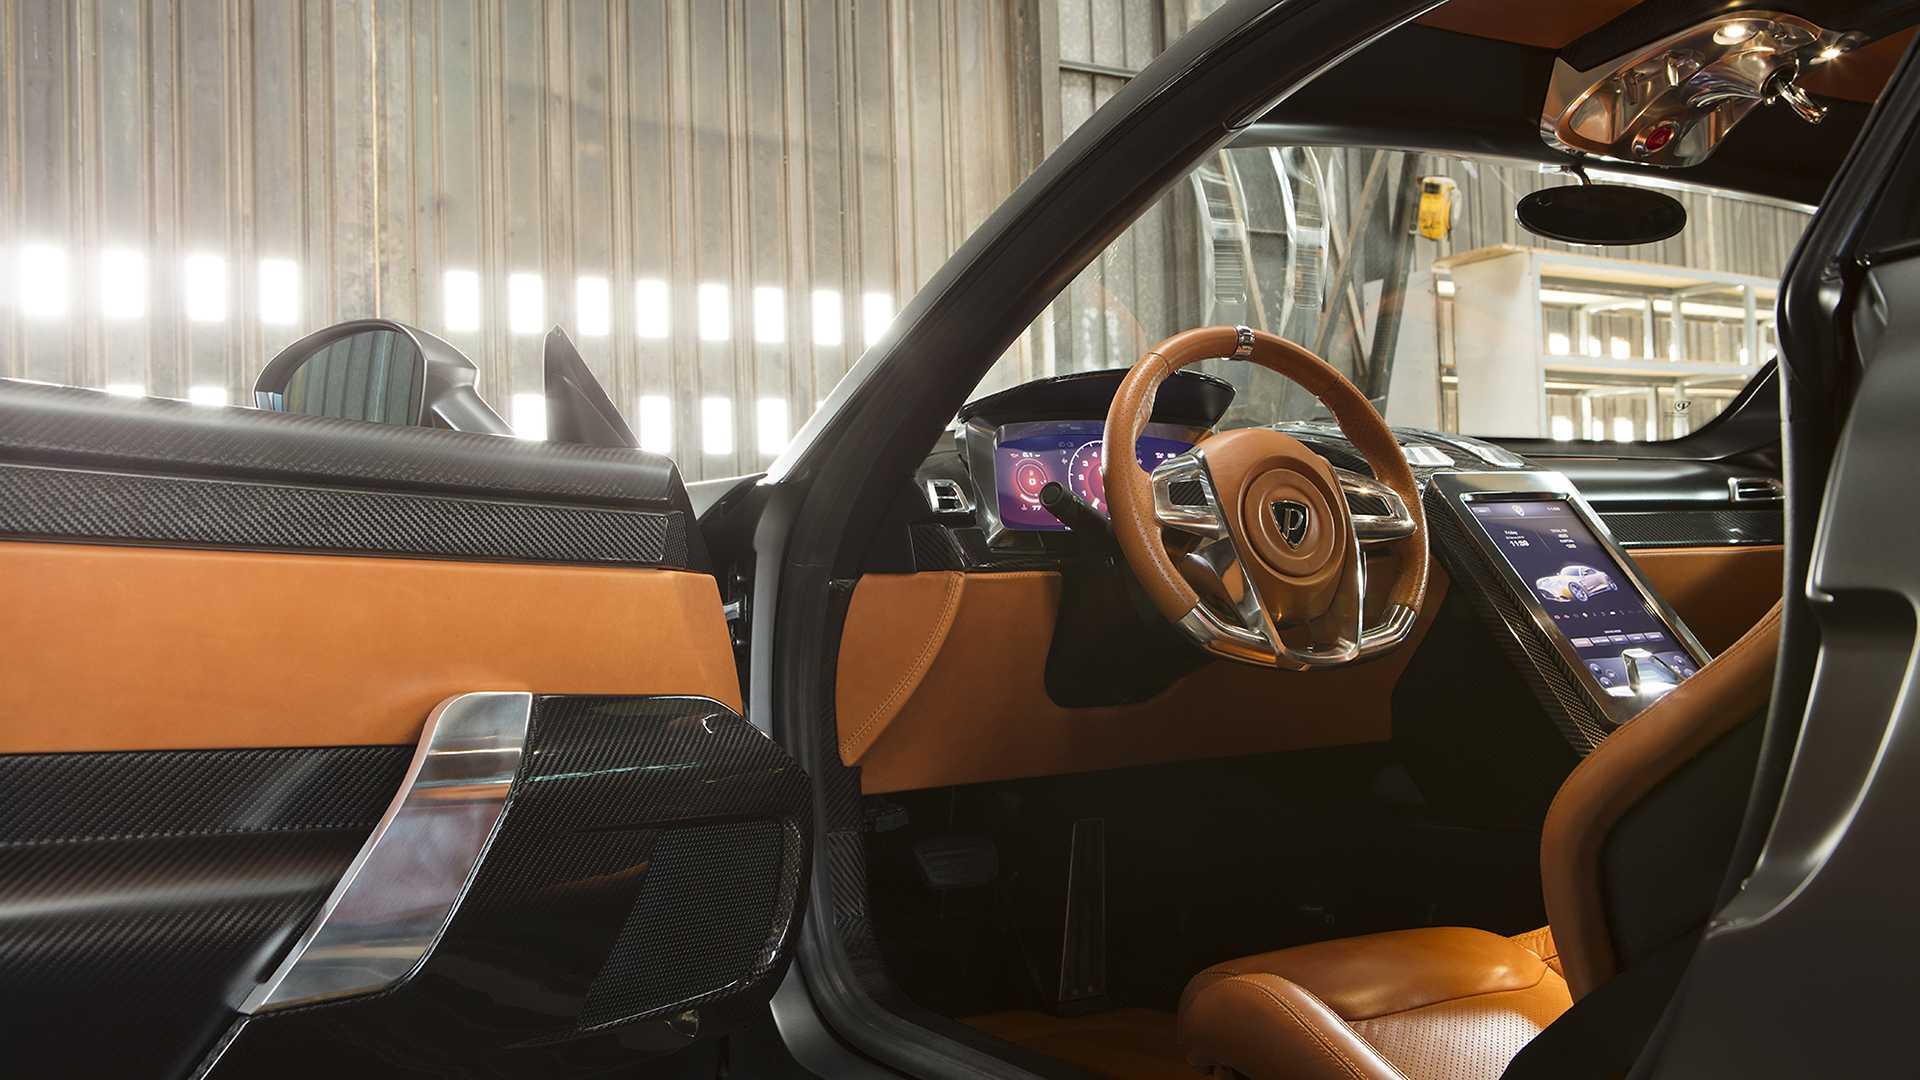 Cận ảnh siêu xe Puritalia Berlinetta công suất 965 mã lực, mạnh nhất nước Ý - 03